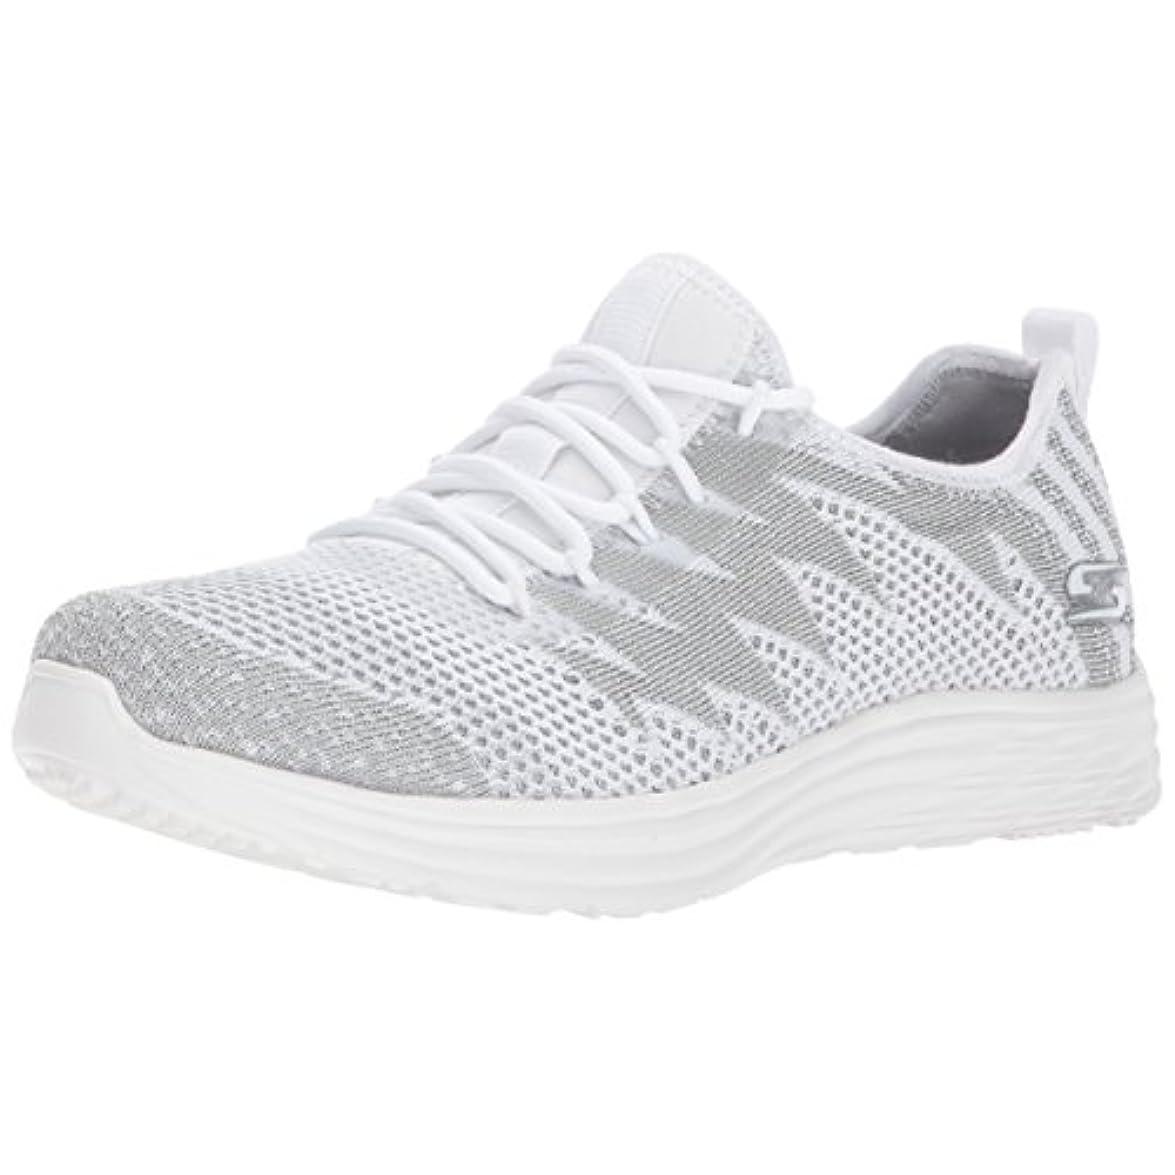 Skechers Womens Shoe Bobs Swift zap Zing White silver 5